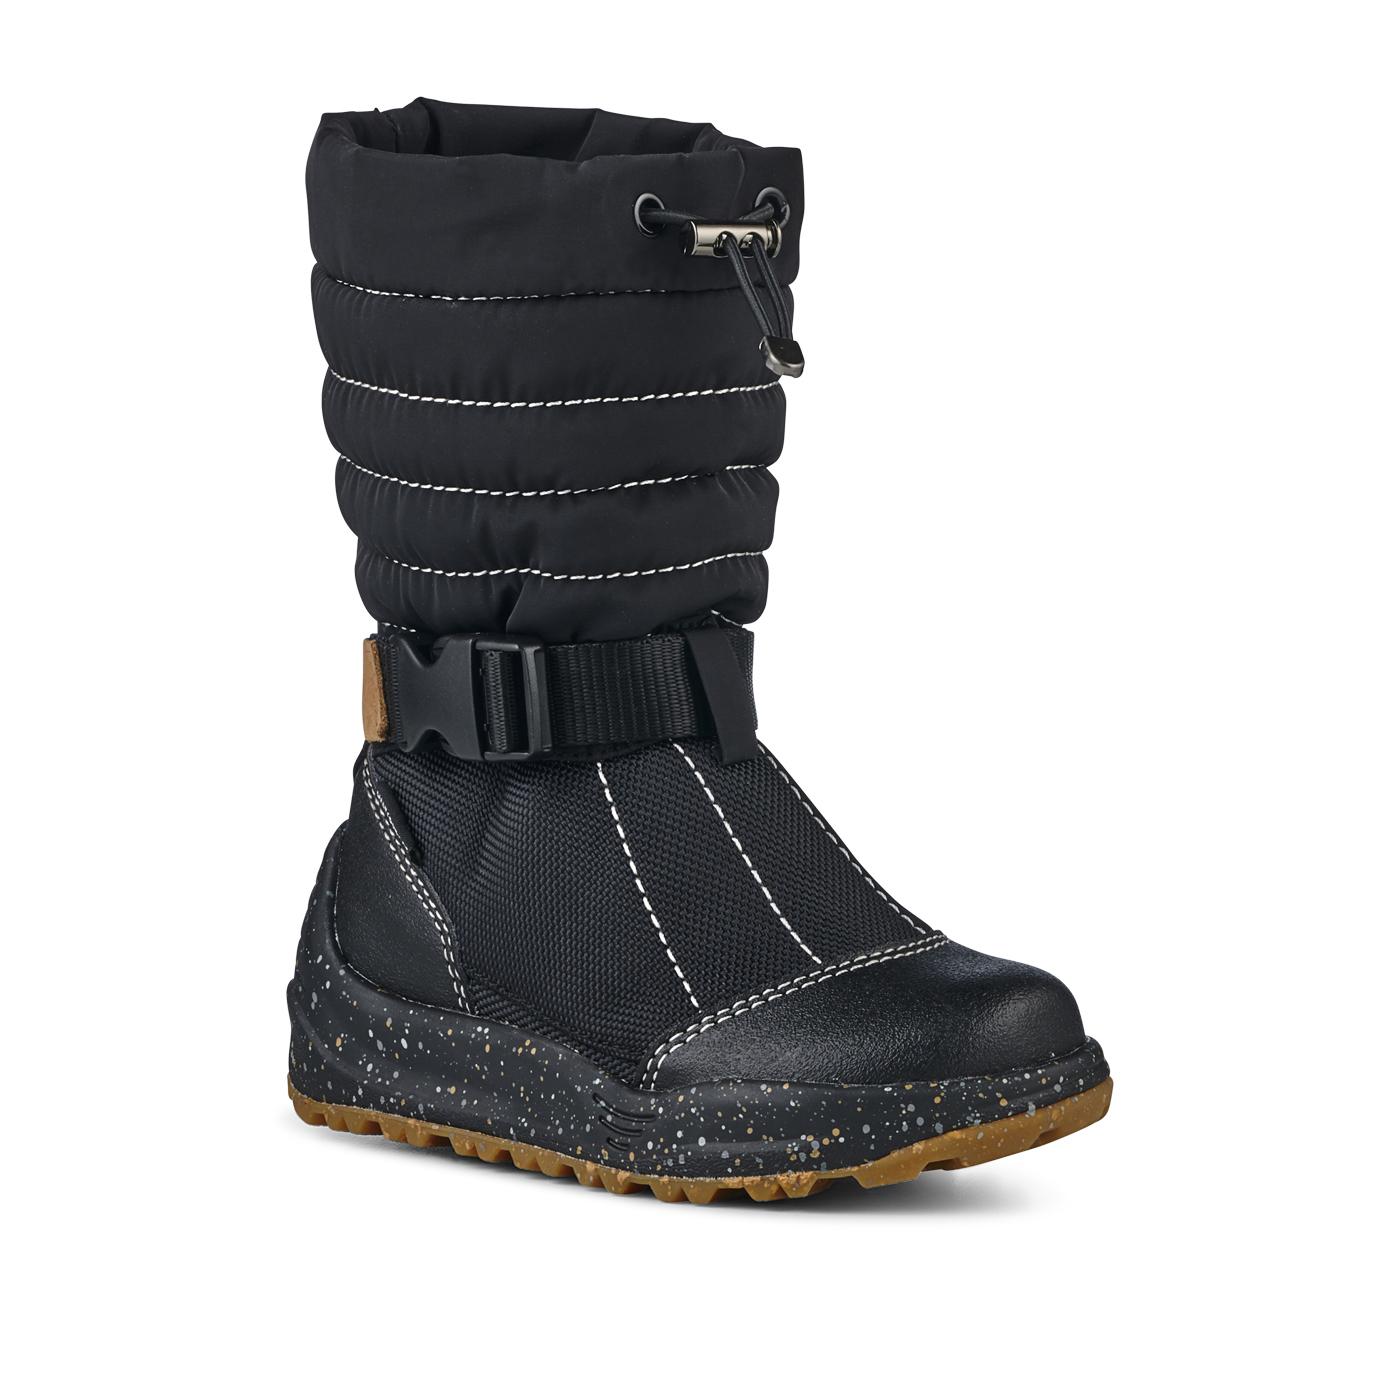 Woden WK088 Boots 27 020, Black